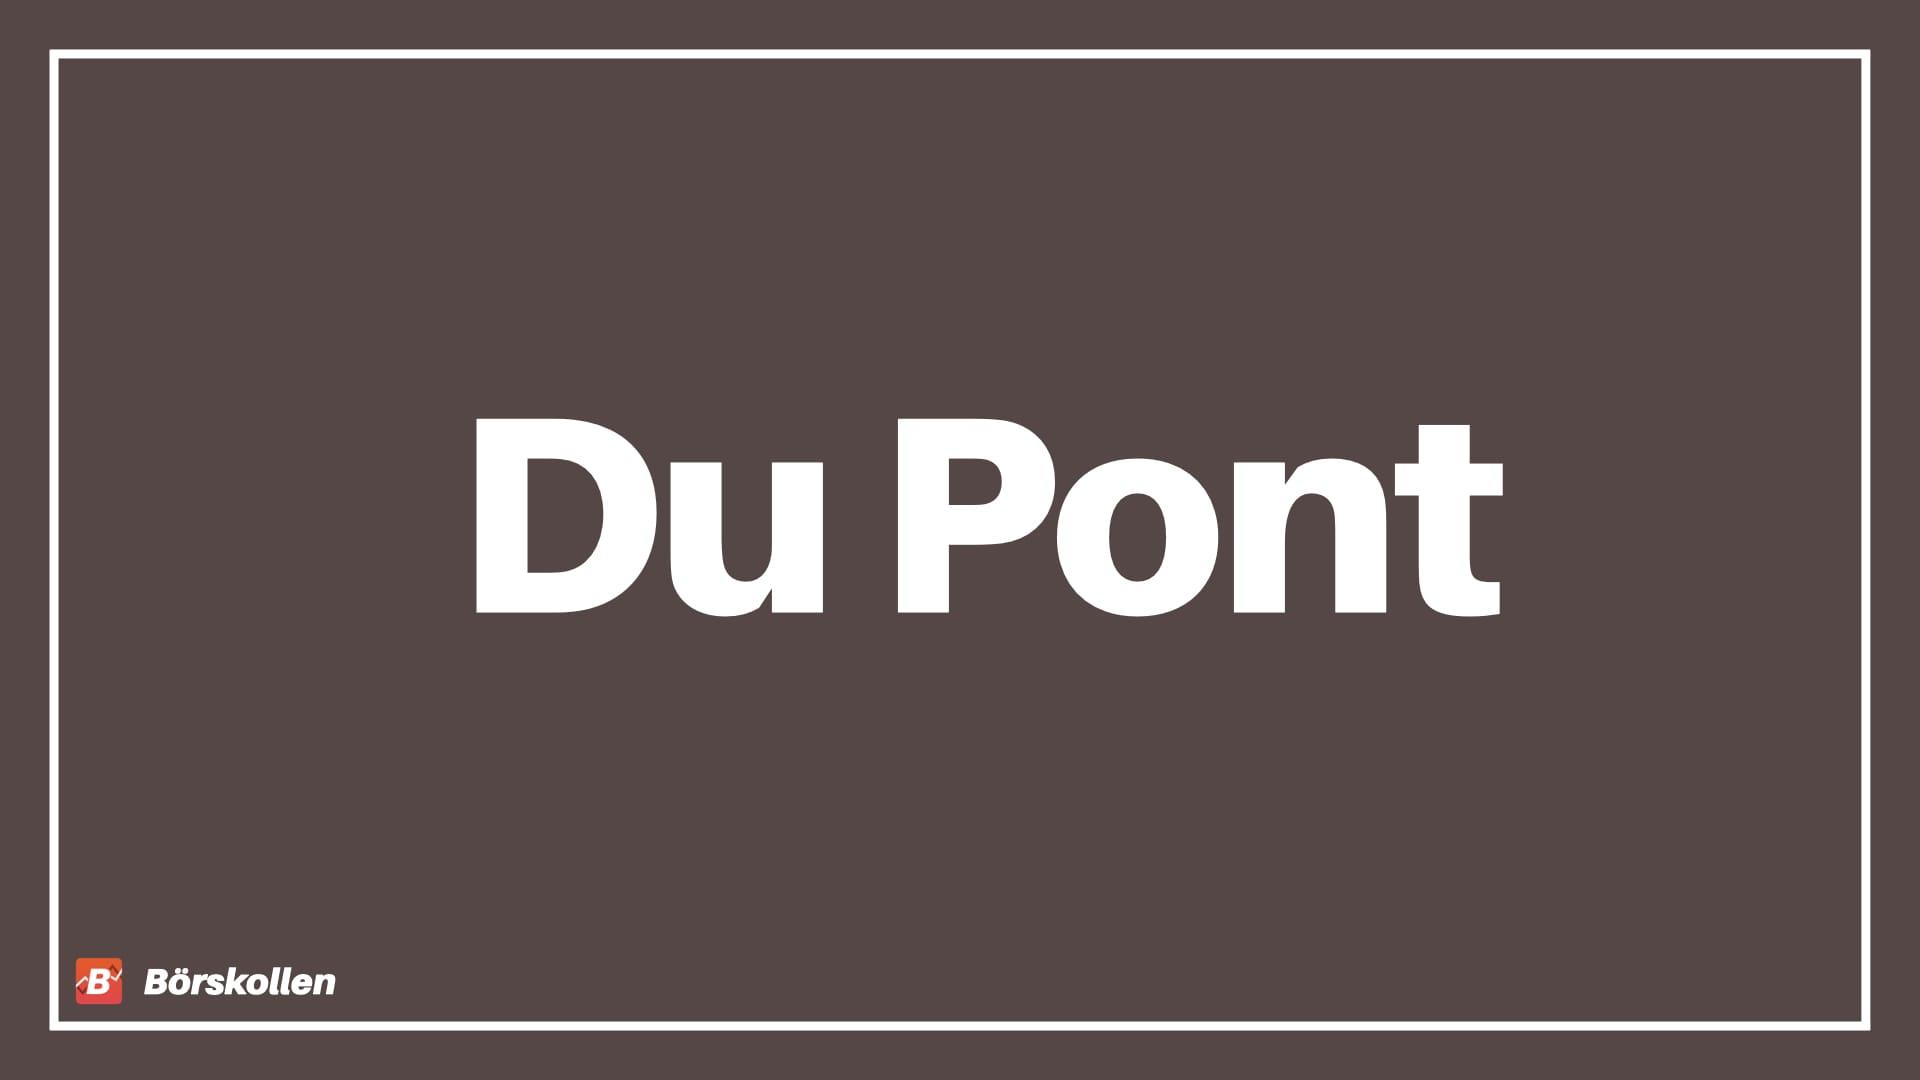 Förklaring av Du Pont - Vad är Du Pont modellen?